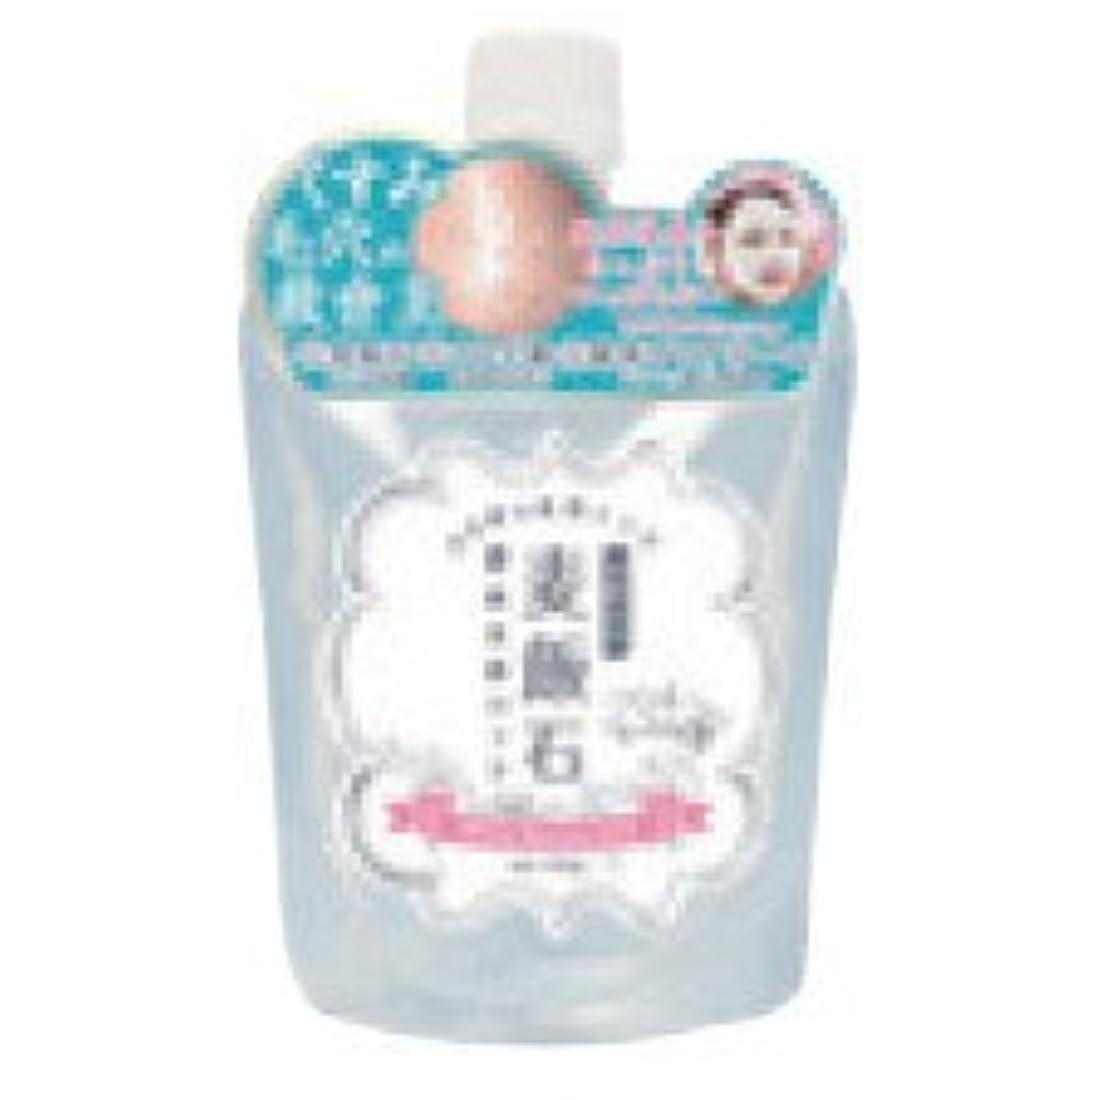 ヘビオートマトンアッパーホワイトムースパック 美濃白川麦飯石酵素洗顔パック 100g 3個セット